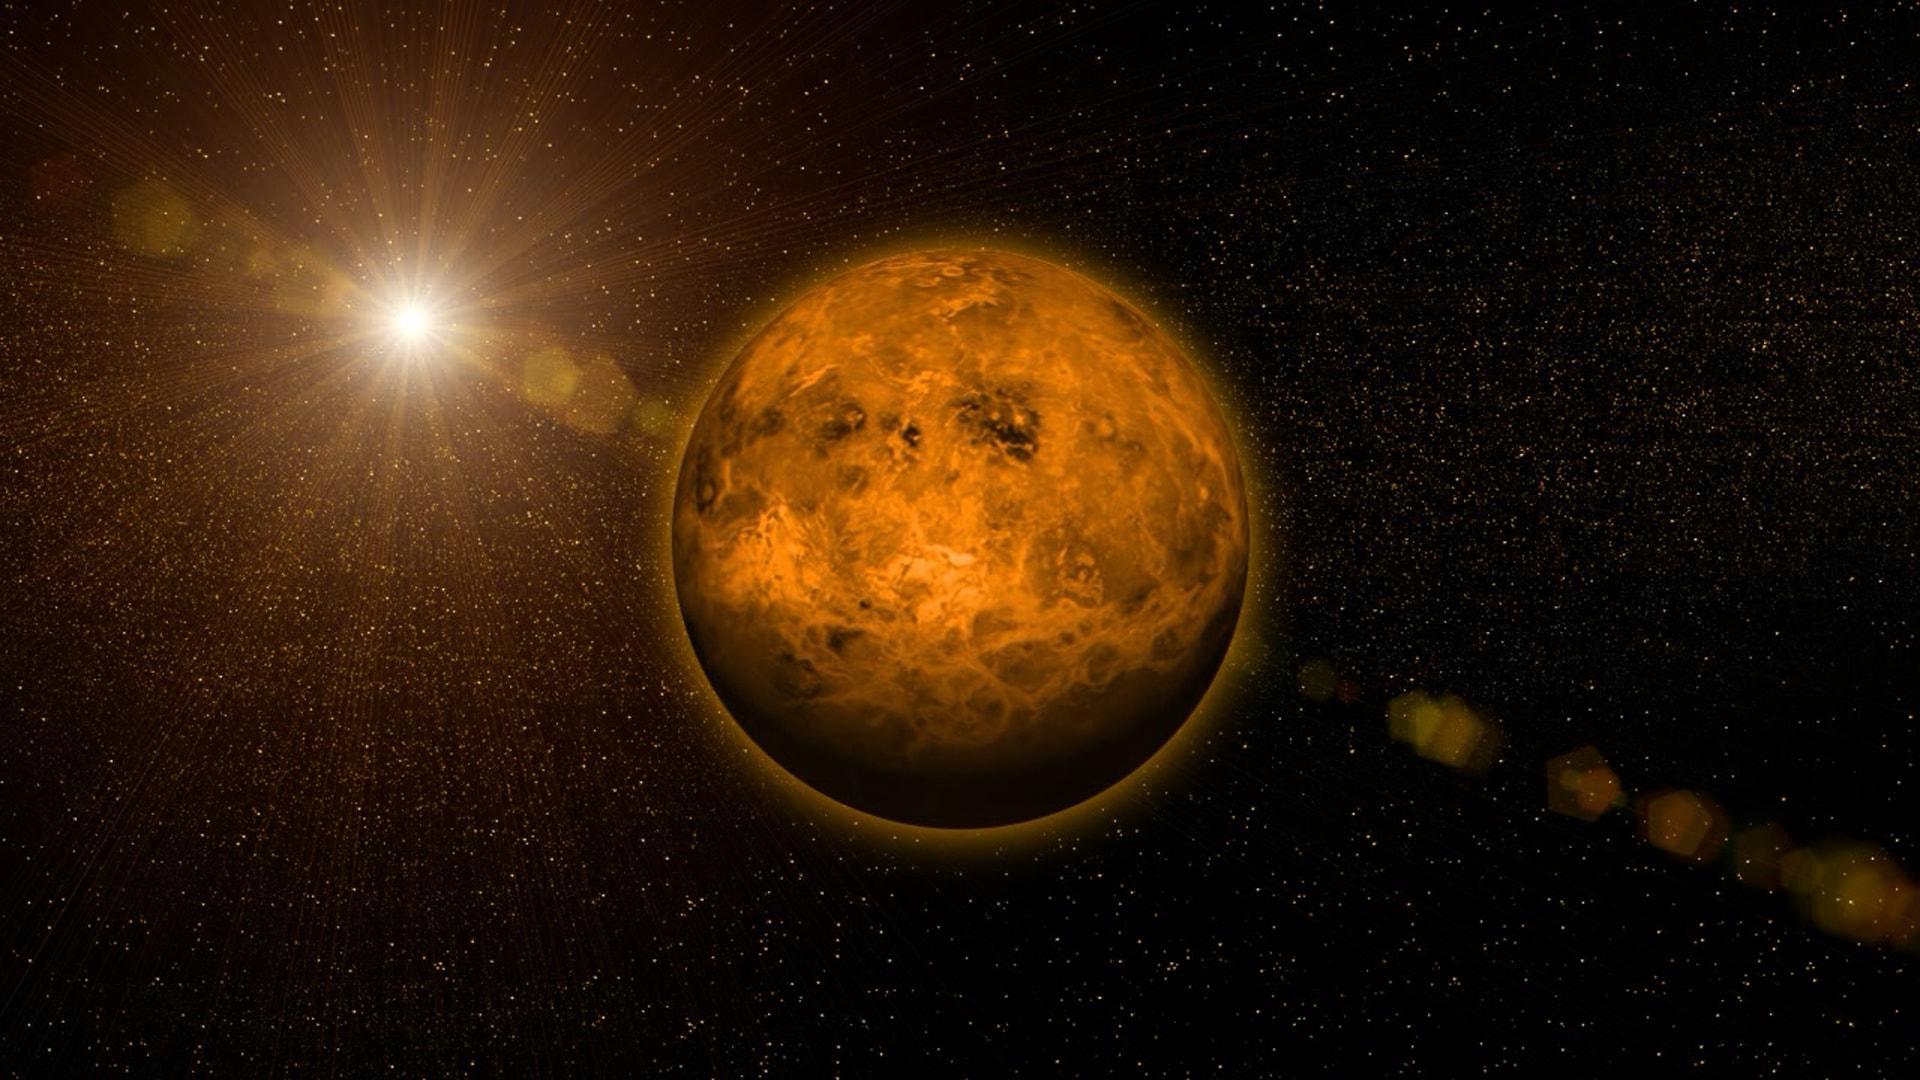 magallanes-venus-tierra-universo-espacio-atmosfera-dioxido de carbono- co2-azufre-condiciones para la vida-agua-tectonica de placas-vulcanismo-volcanes